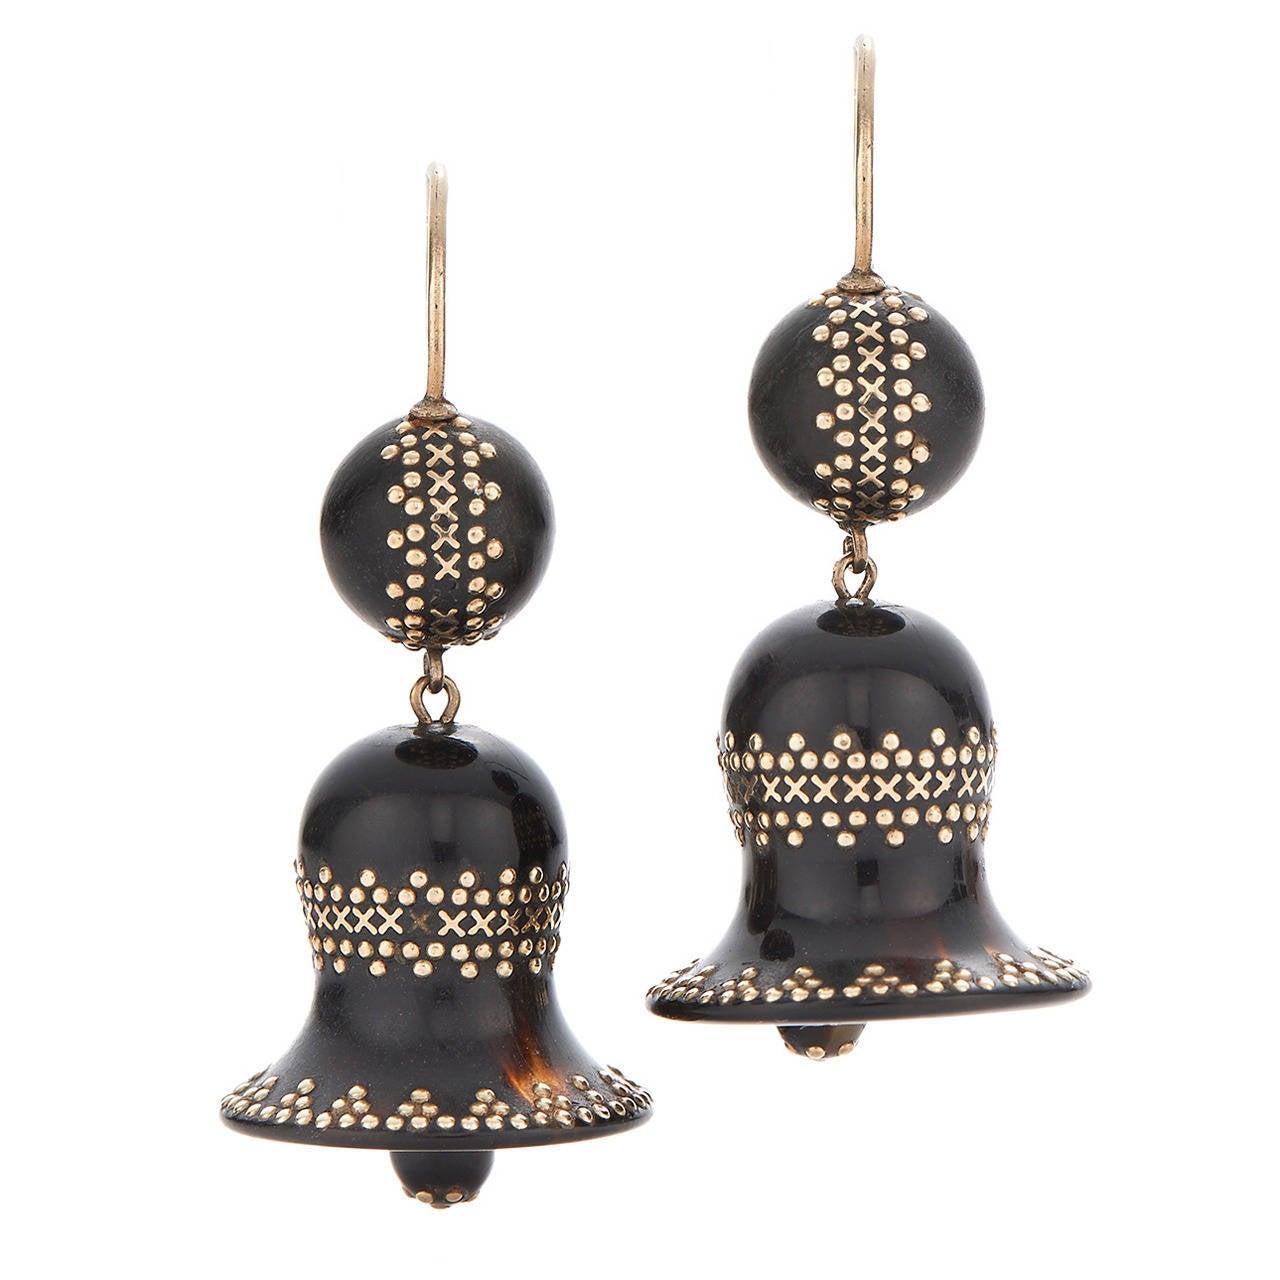 Antique Tortoiseshell Pique Bell Pendant Earrings 1